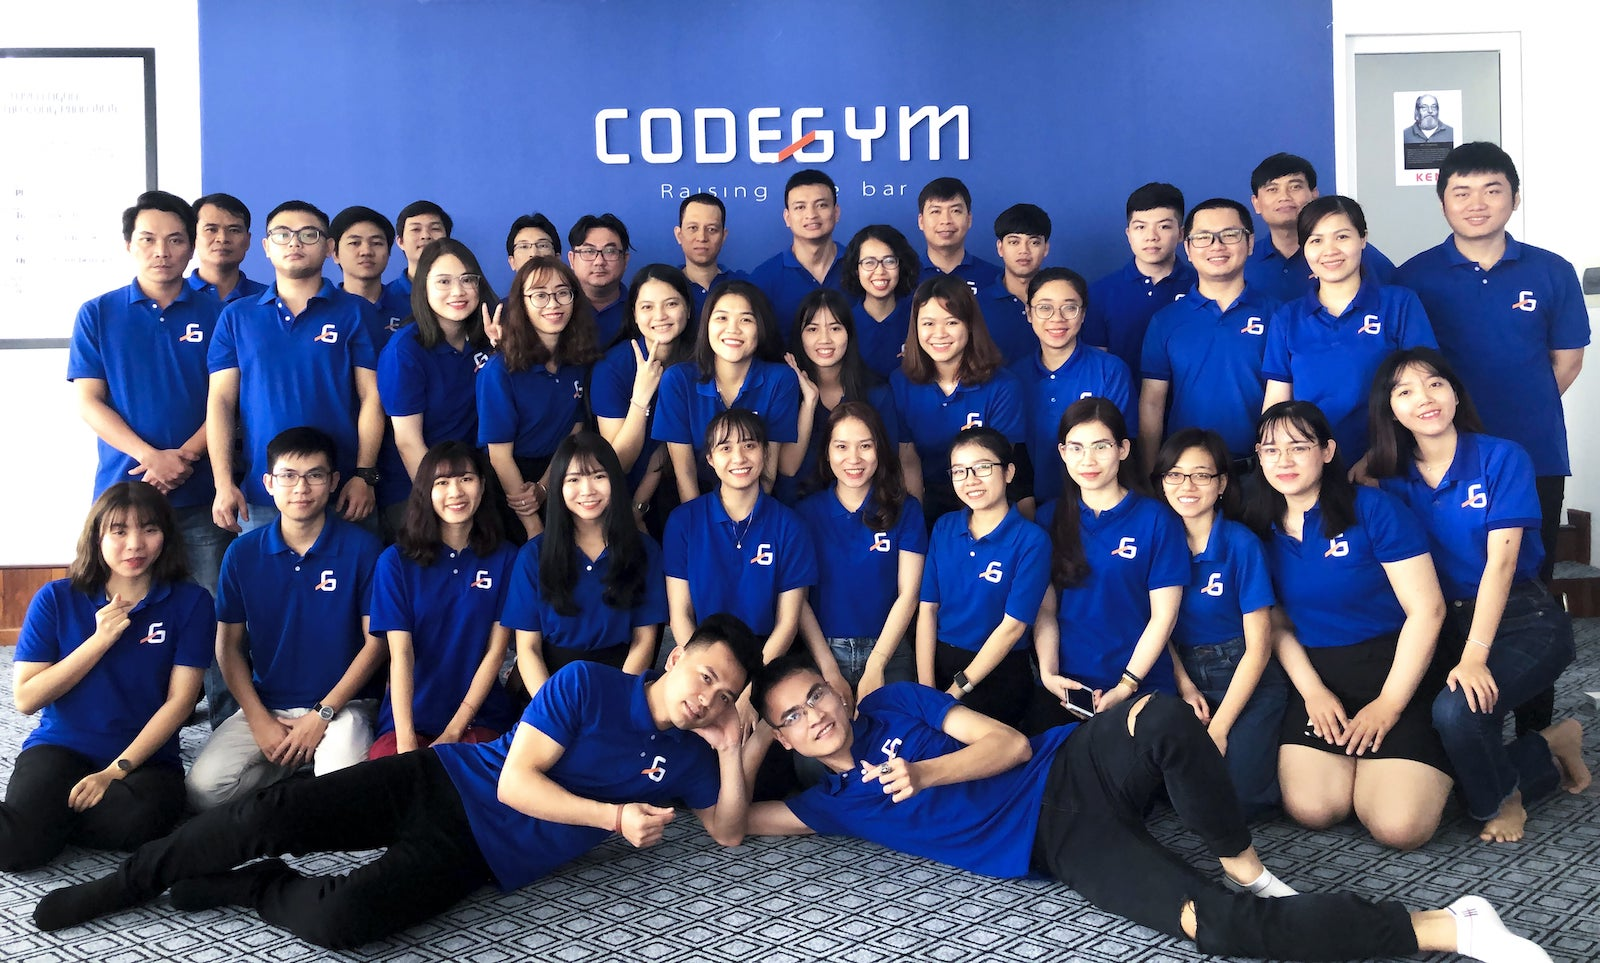 Codegym là một trong những địa chỉ học lập trình uy tín nhất hiện nay